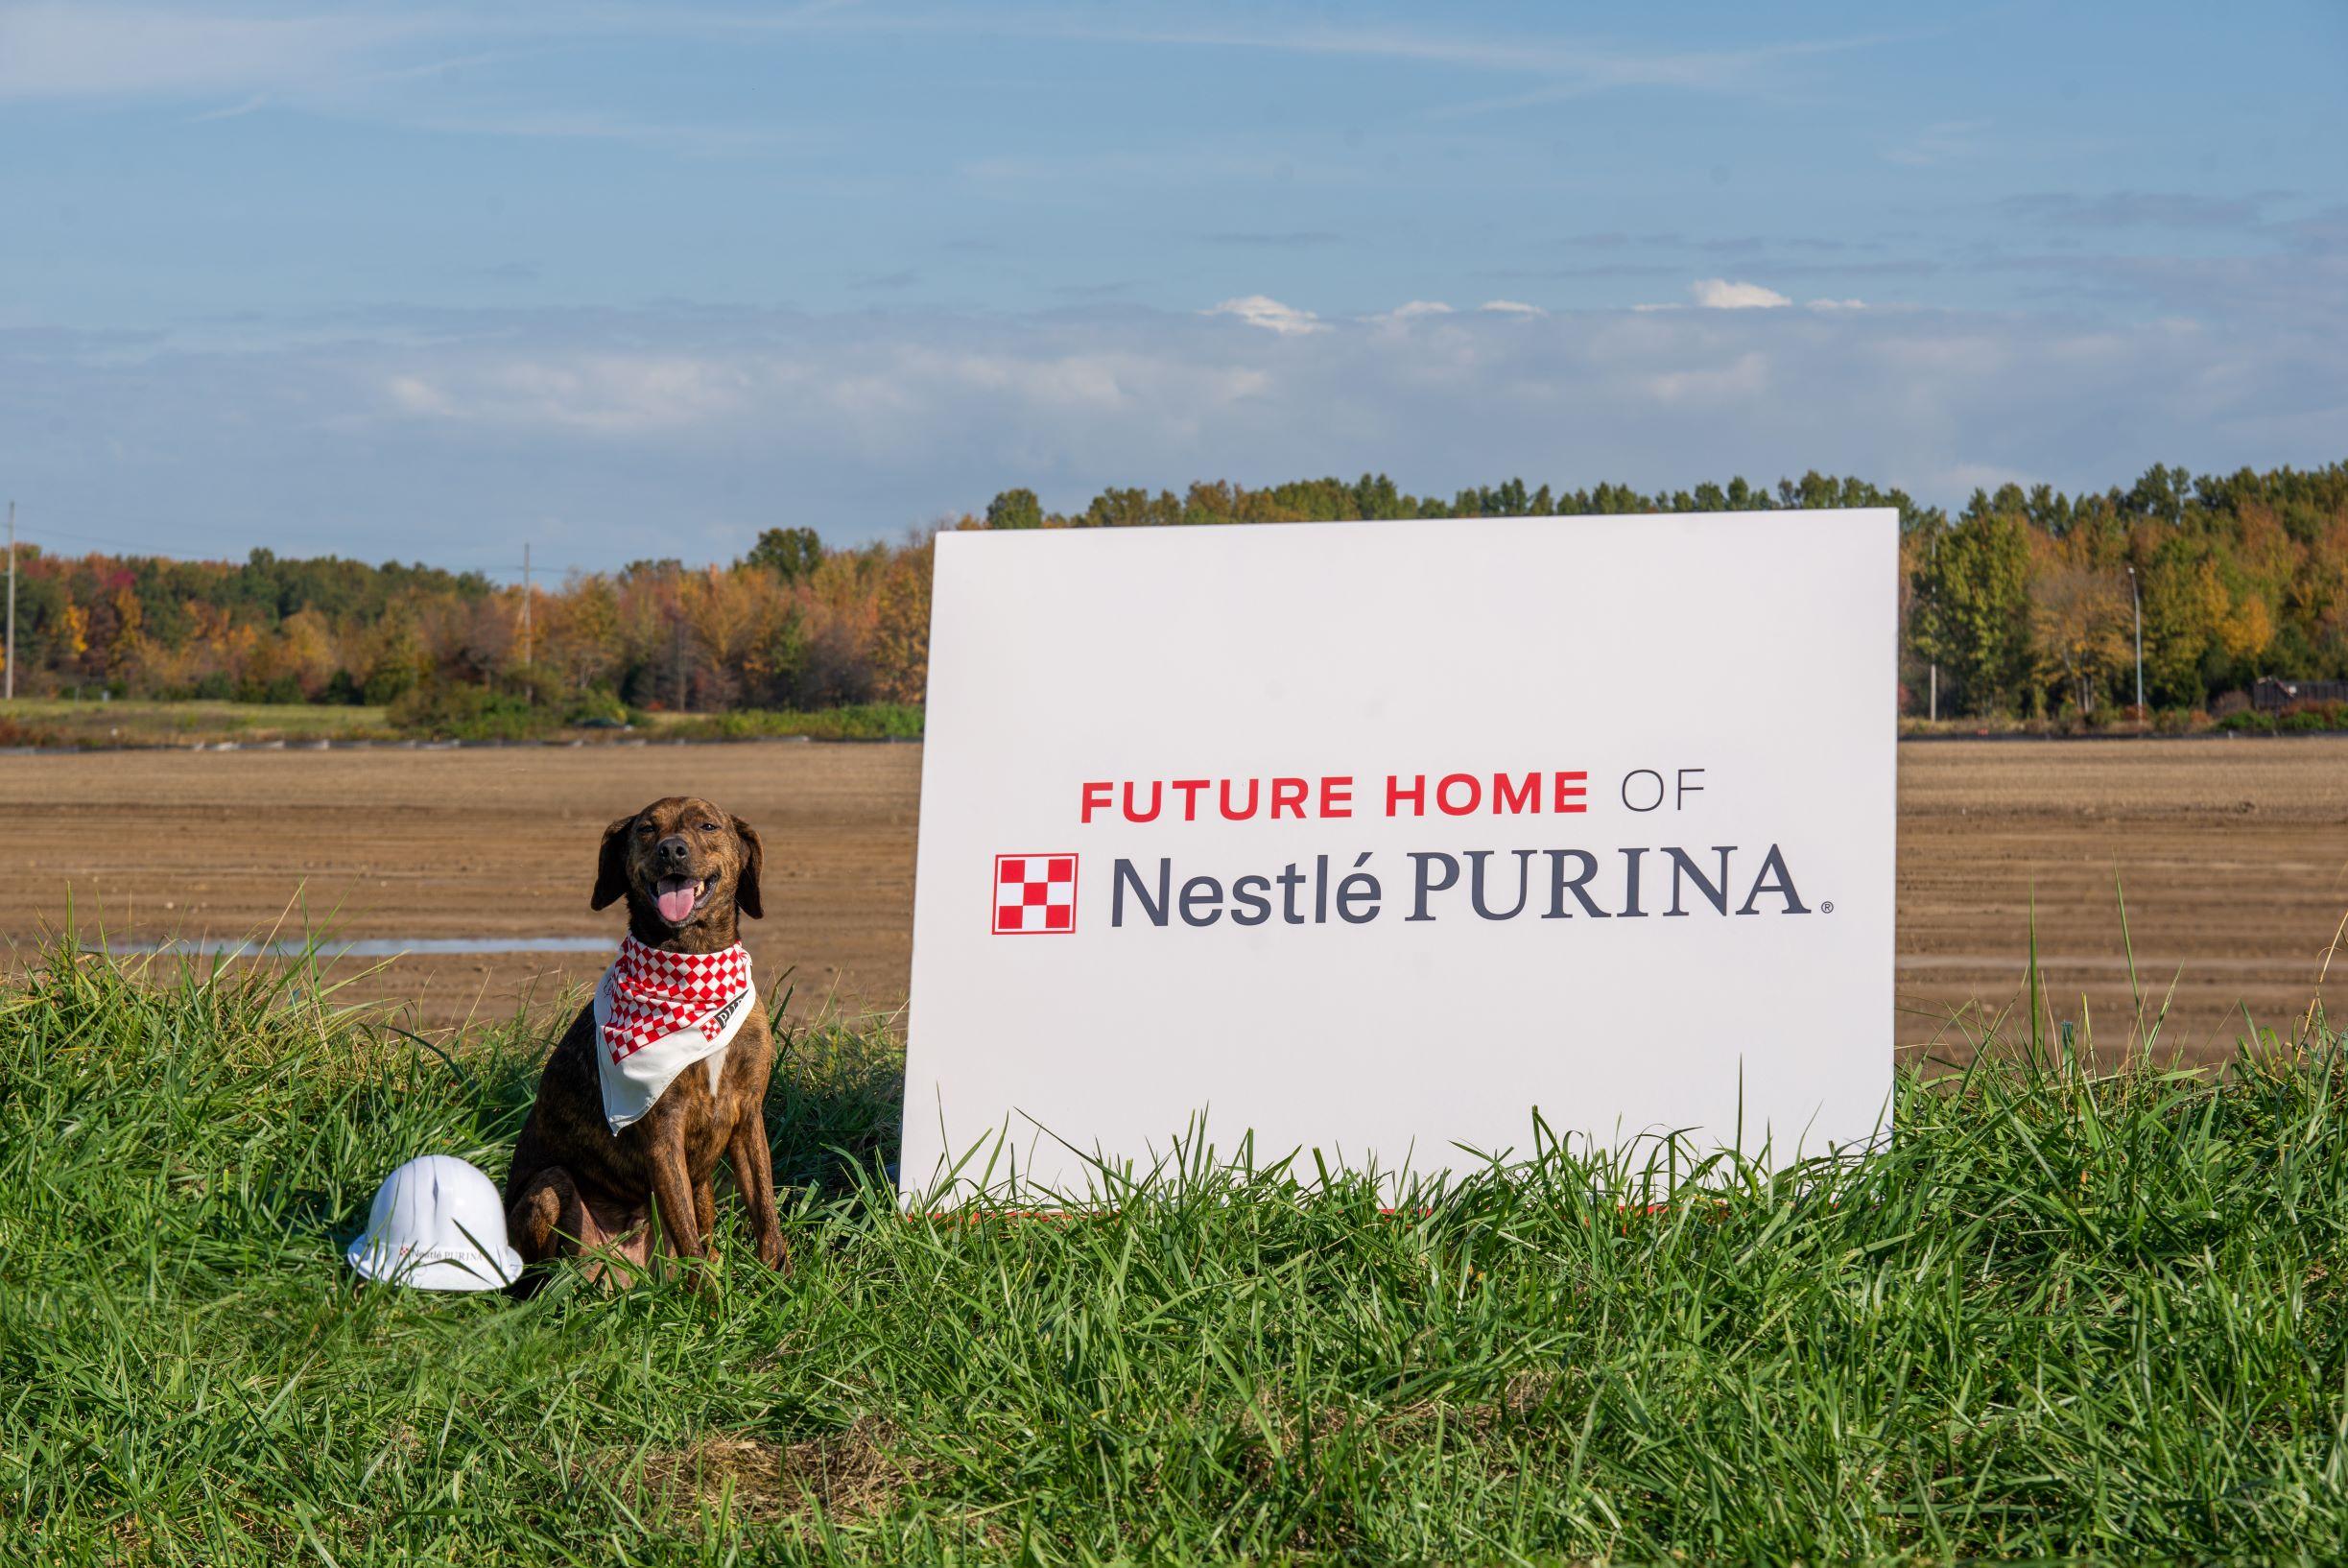 Future home of Nestlé Purina